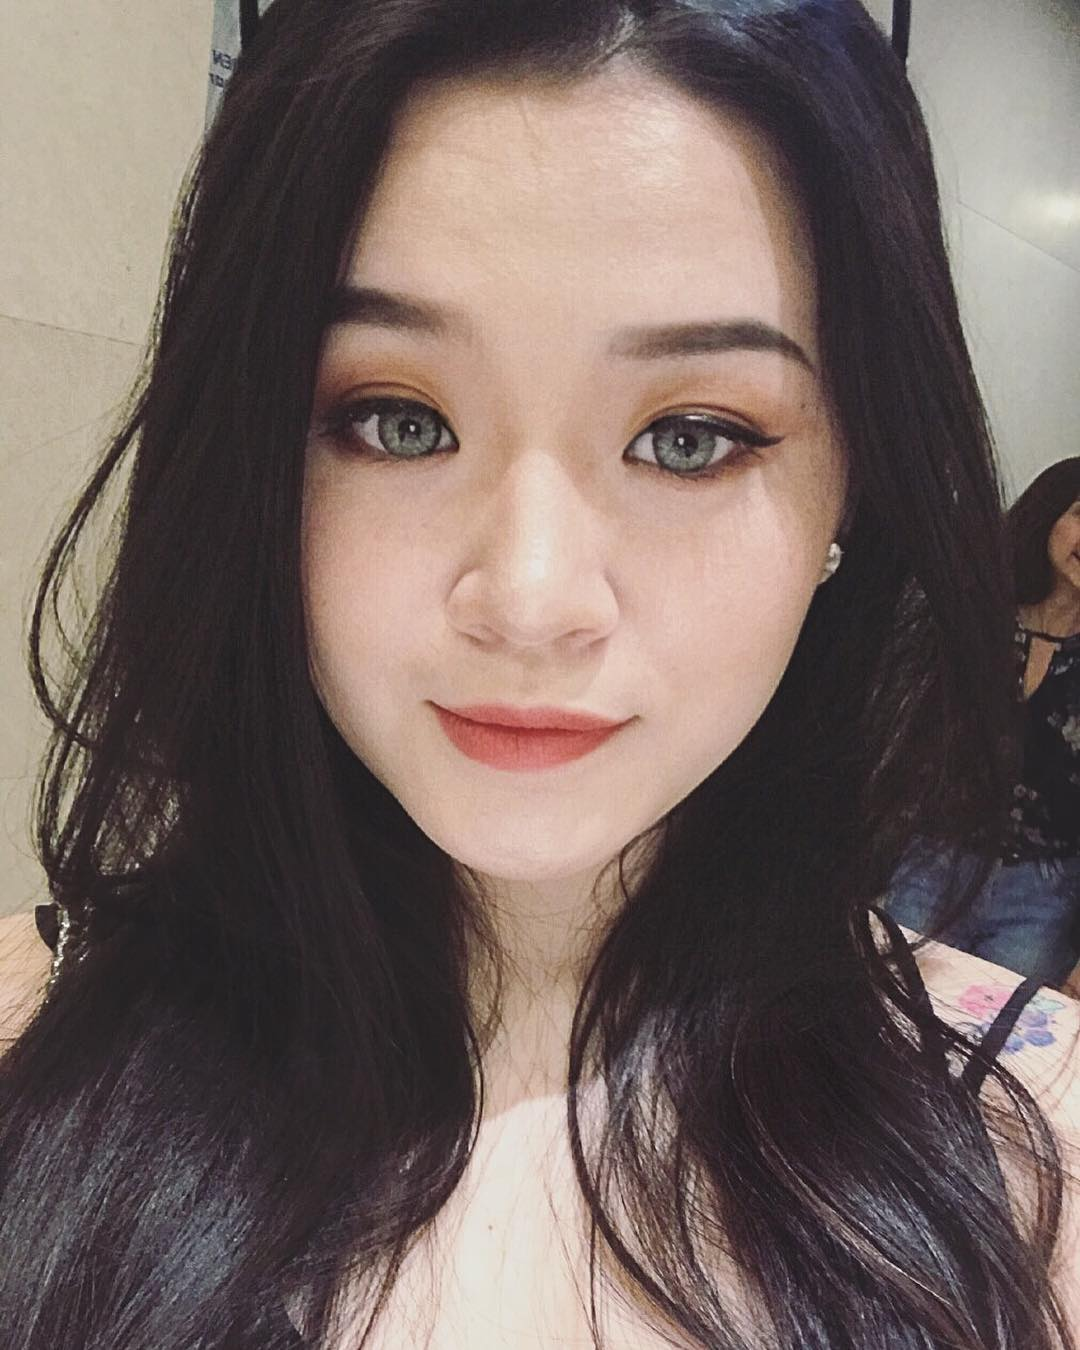 Thùy Tiên - Cô nàng sở hữu bộ sưu tập son khủng như shop bán hàng online